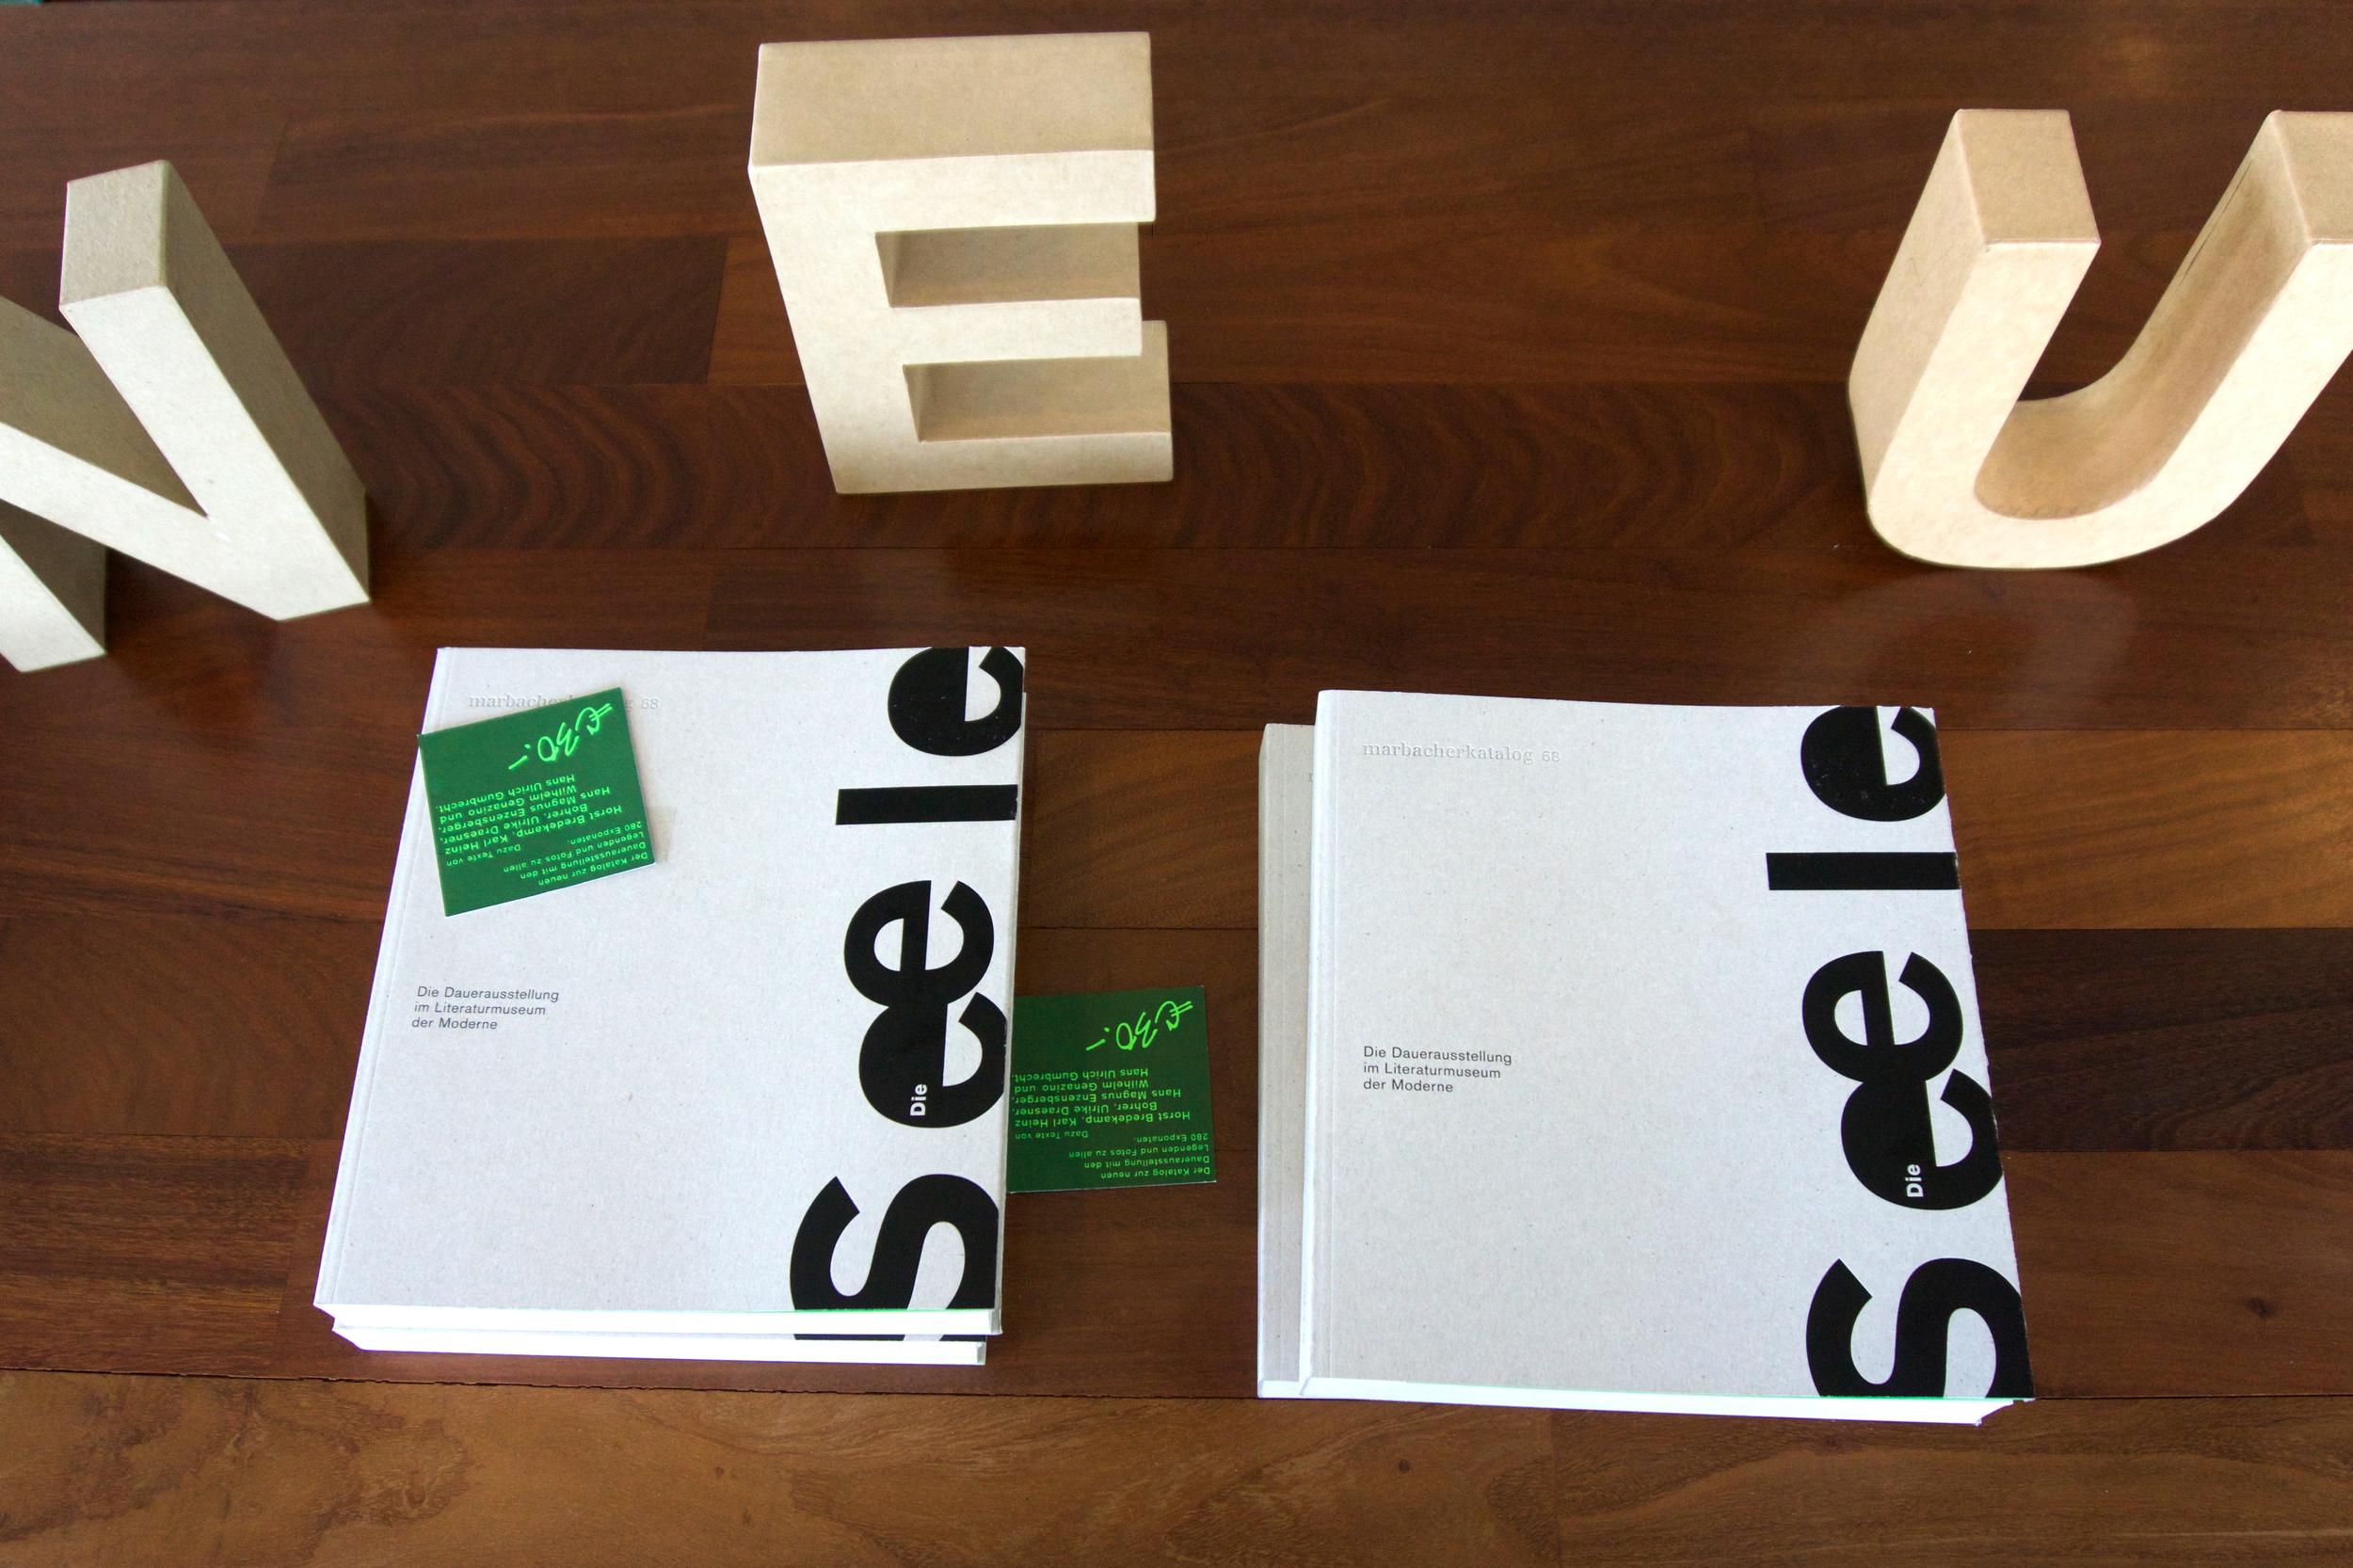 Demirag-Architekten-Literatur-Museum-Moderne-Marbach-Ausstellung-Seele-Eröffnung-05.jpg